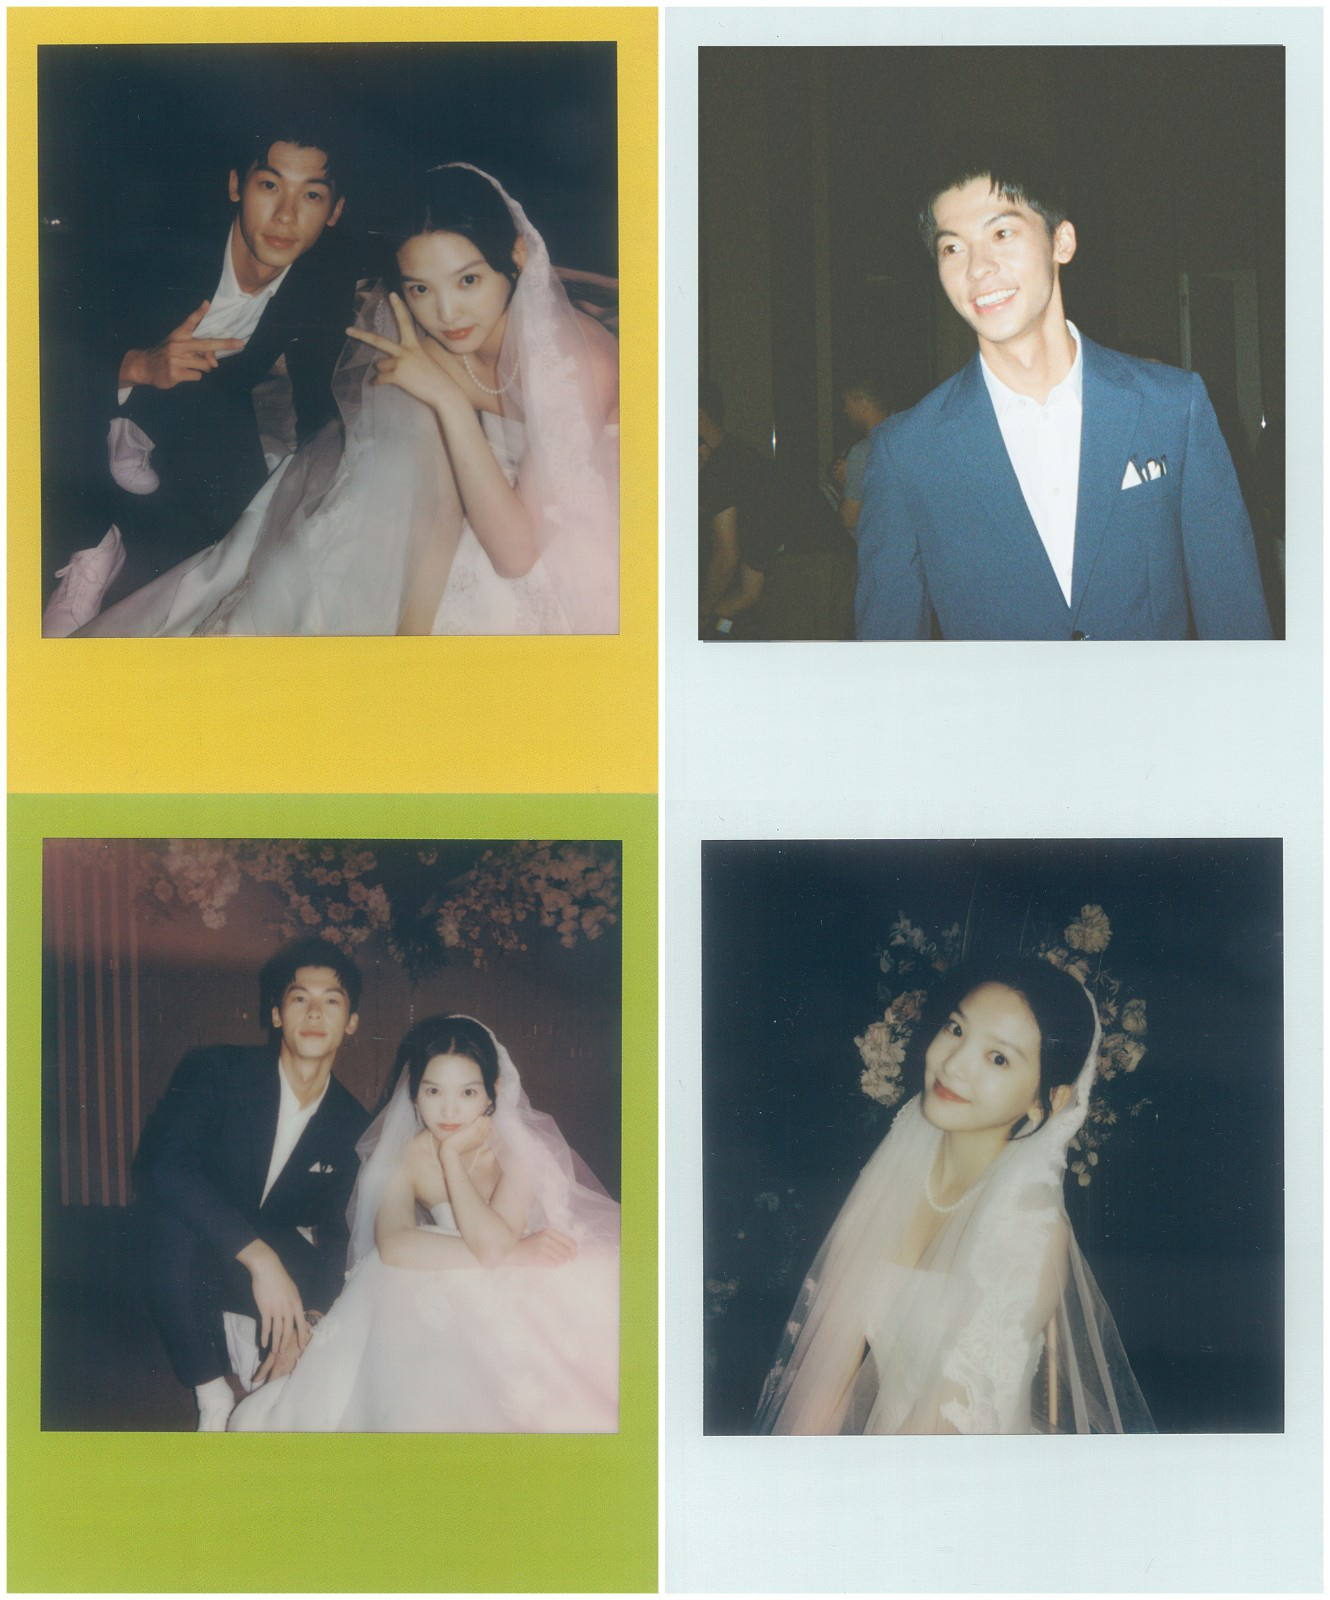 《你的婚礼》拍立得花絮照 许光汉章若楠甜度爆表